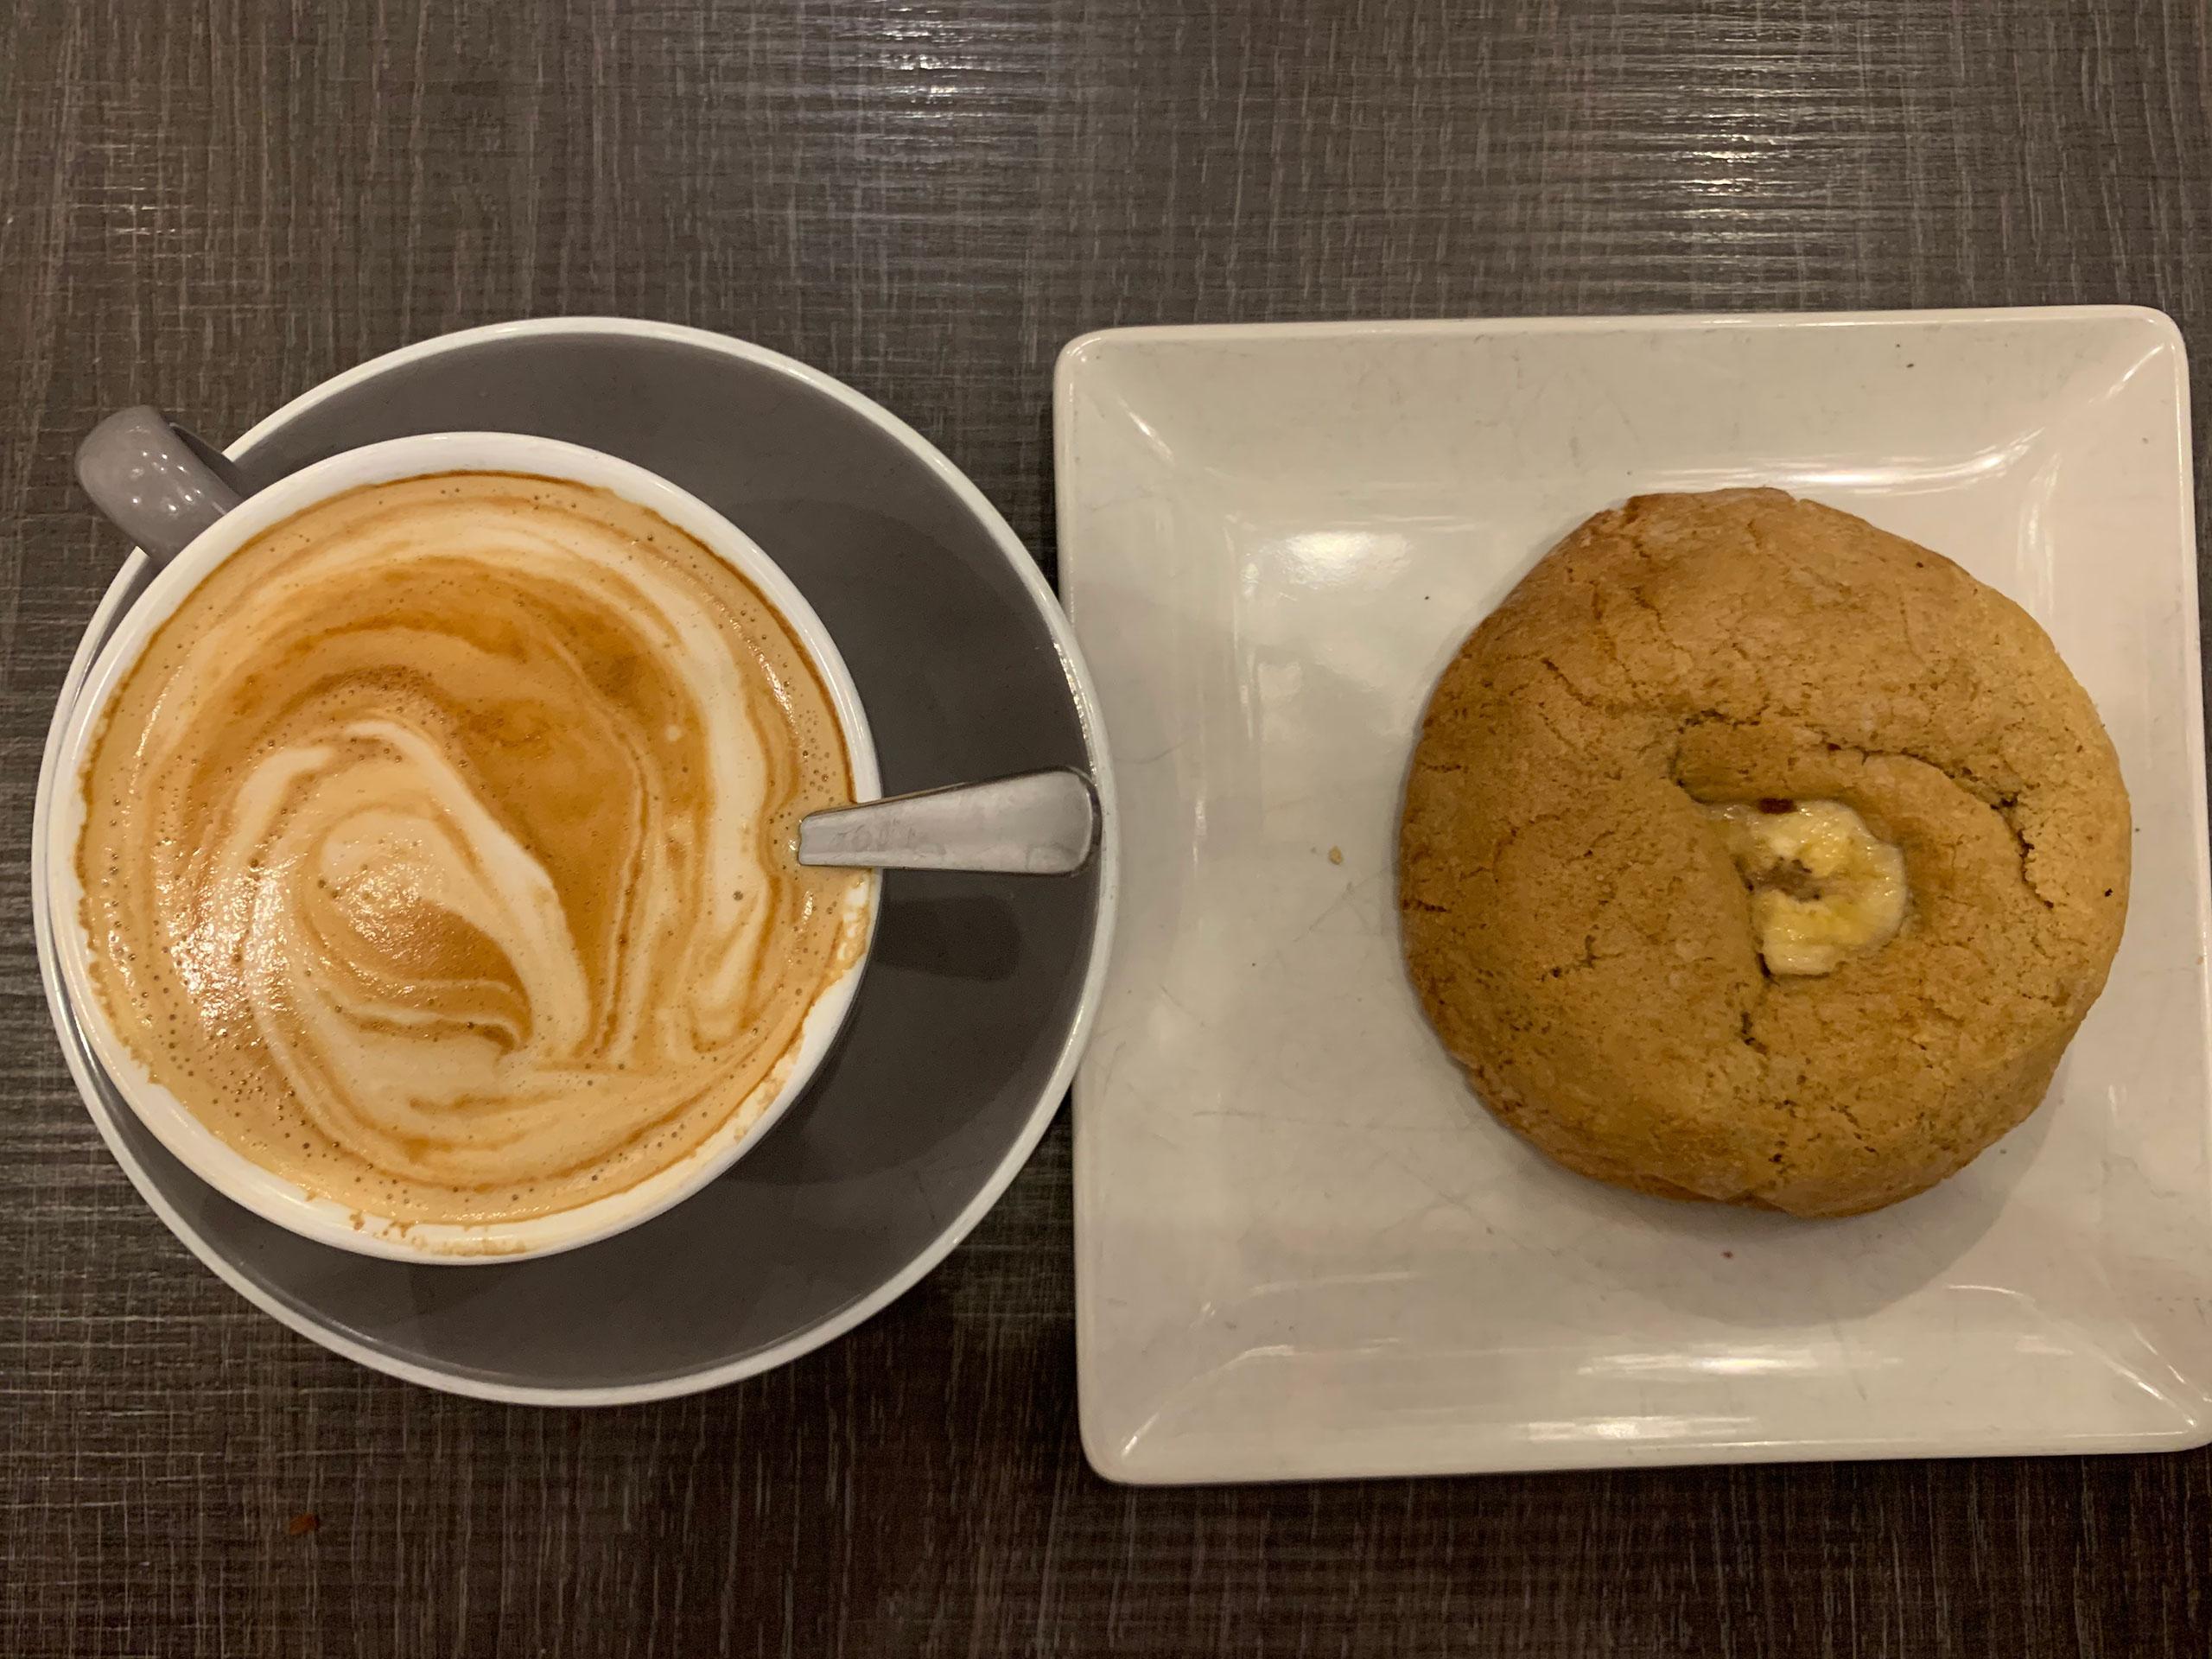 Café Allegro: tranquilidad alrededor de una taza